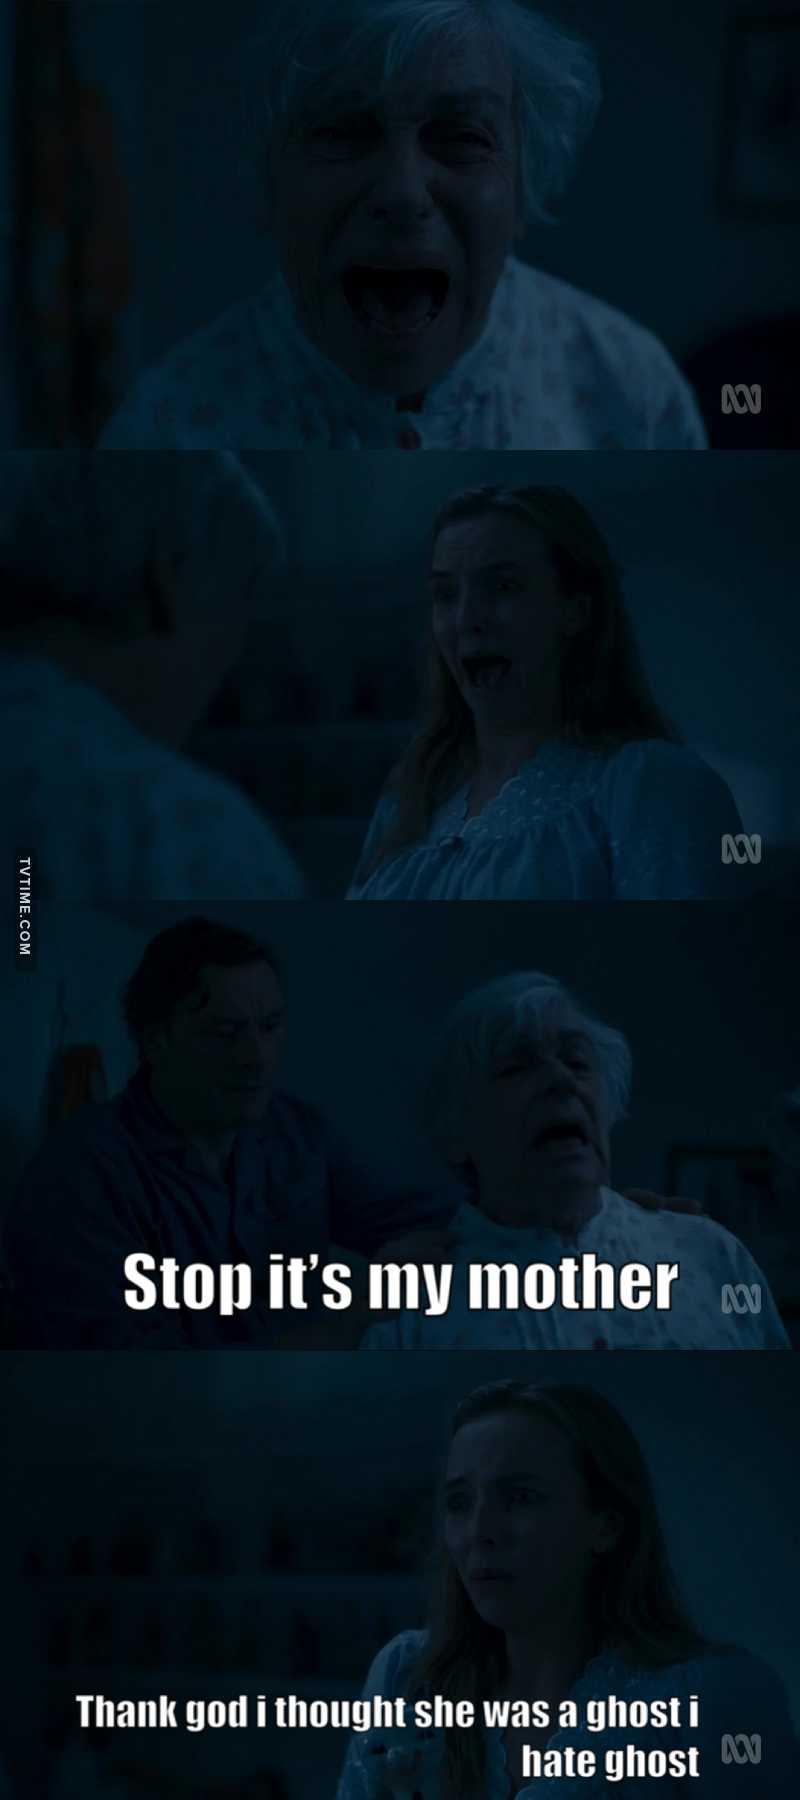 Omg i loved this scene 😂😂😂😂😂😂